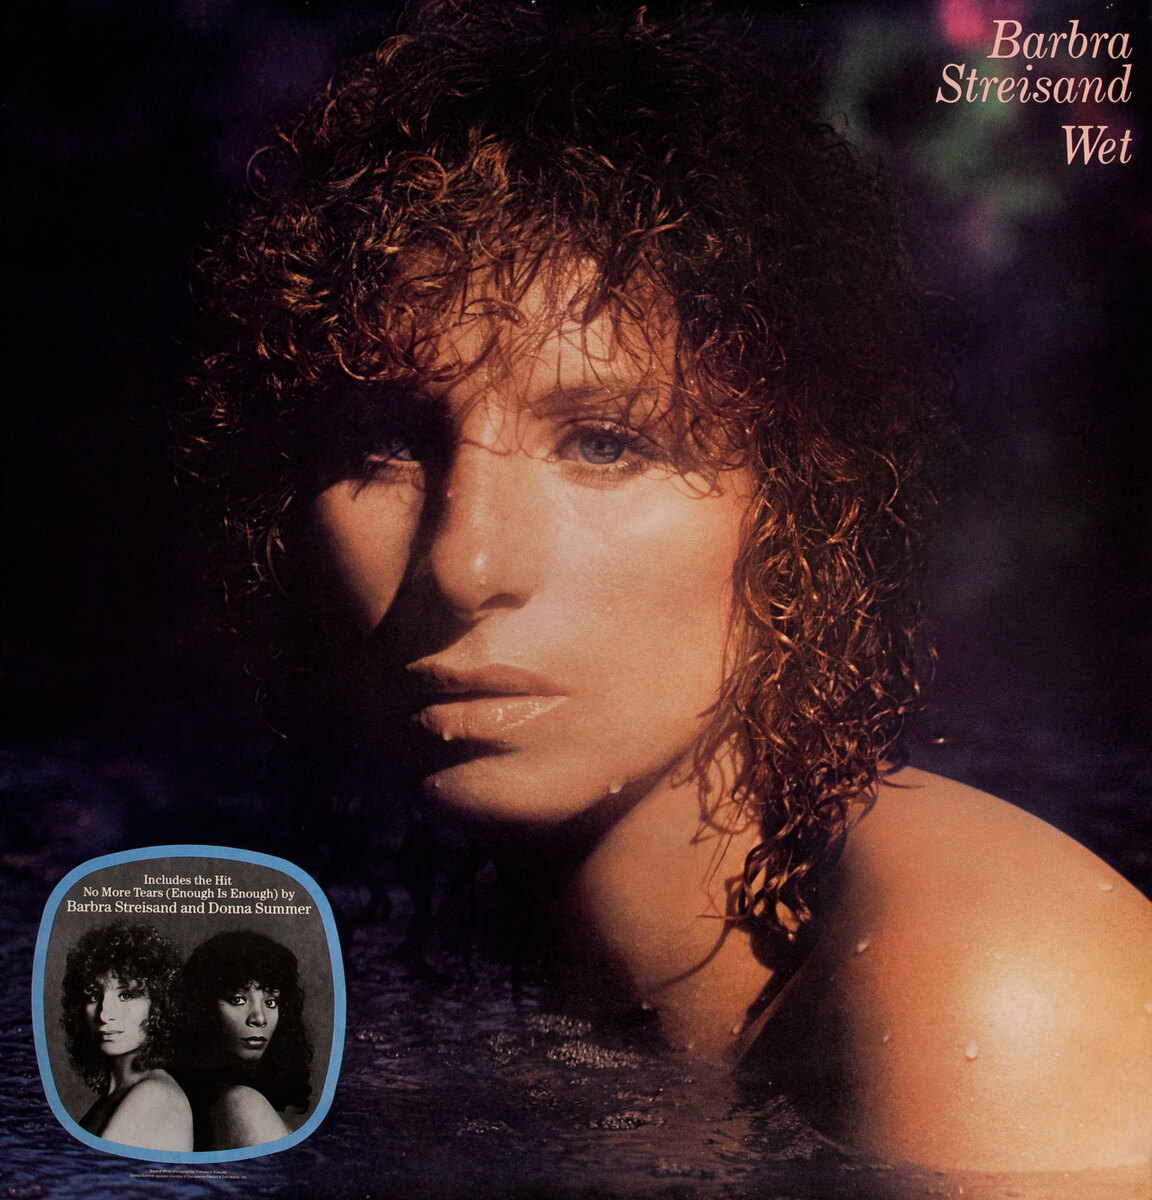 Barbra Streisand Wet